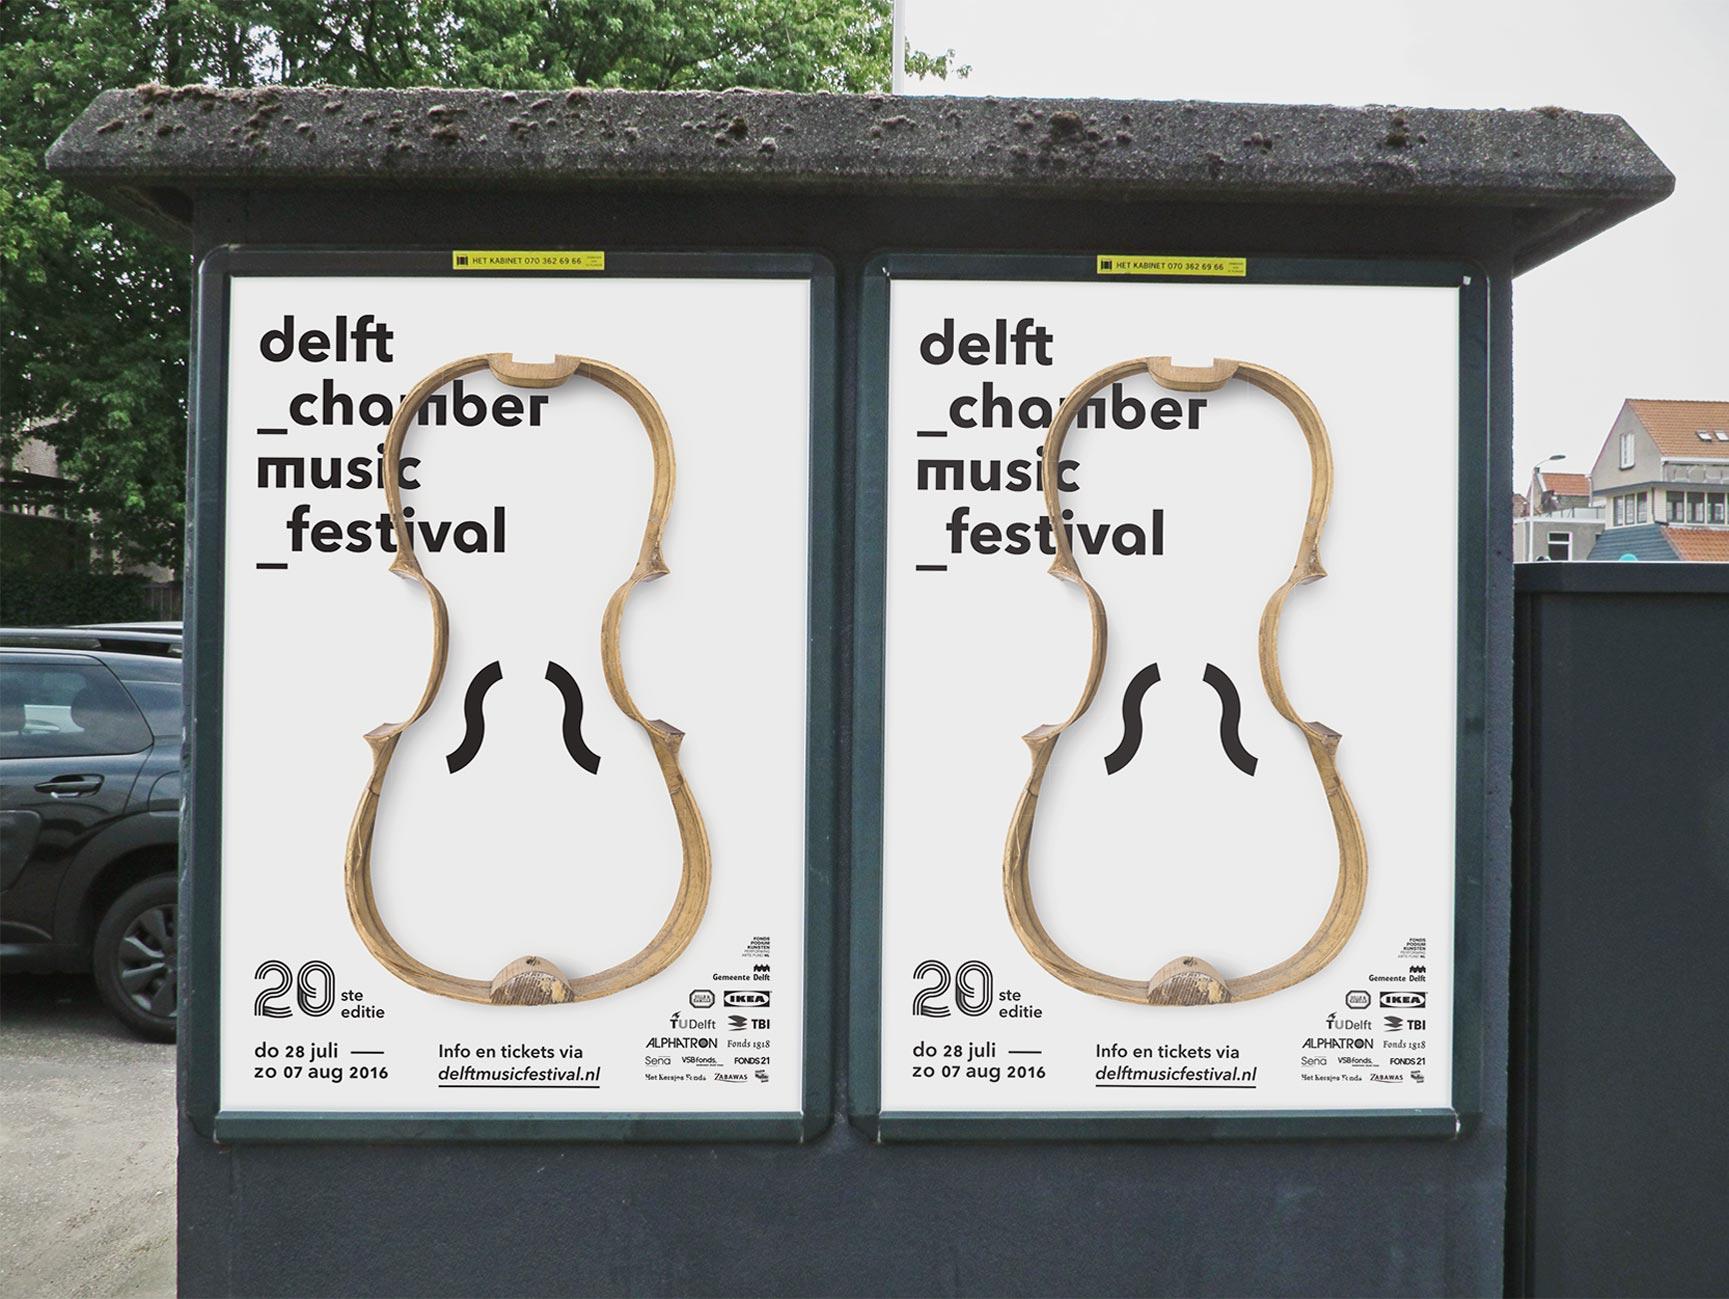 grafisch ontwerp poster delft chamber music festival de design club